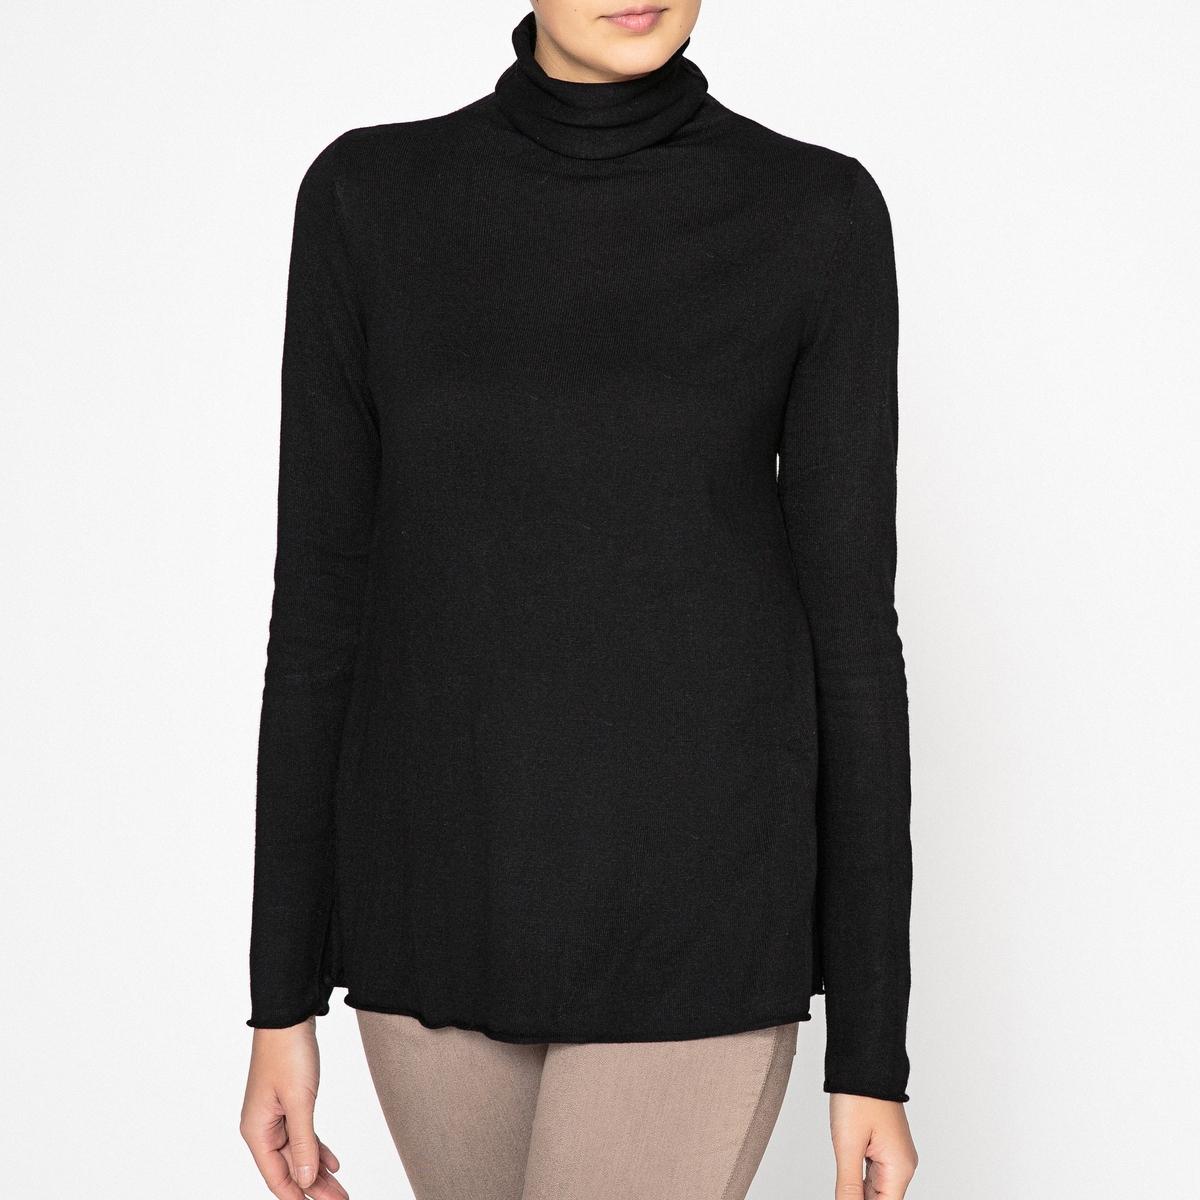 Пуловер с воротником с отворотом LOBAISLAND